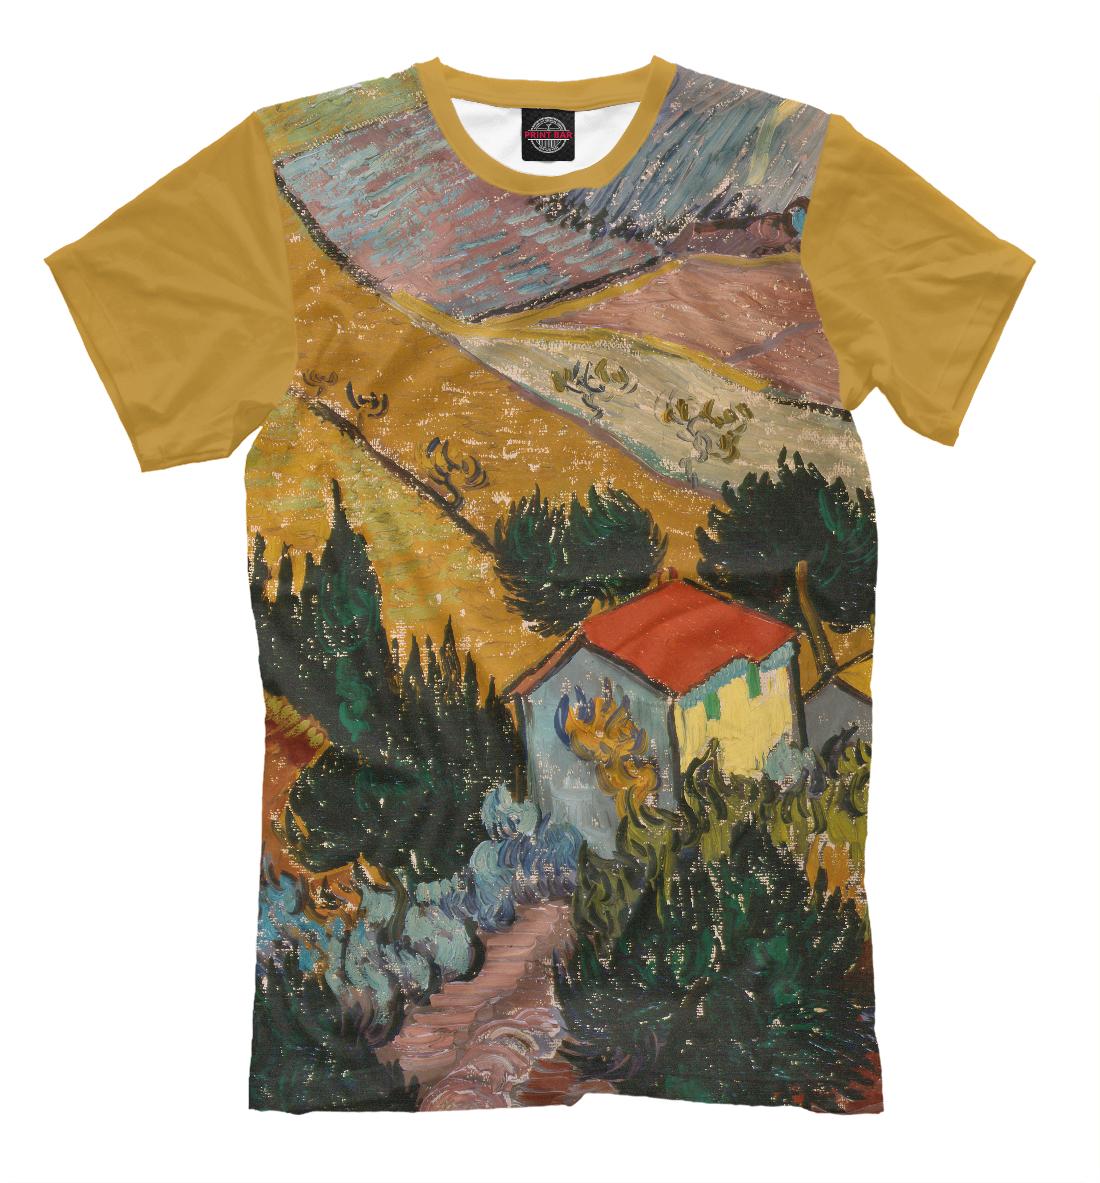 Винсент ван Гог. Пейзаж с домом и пахарь, Printbar, Футболки, GHI-200148-fut-2  - купить со скидкой